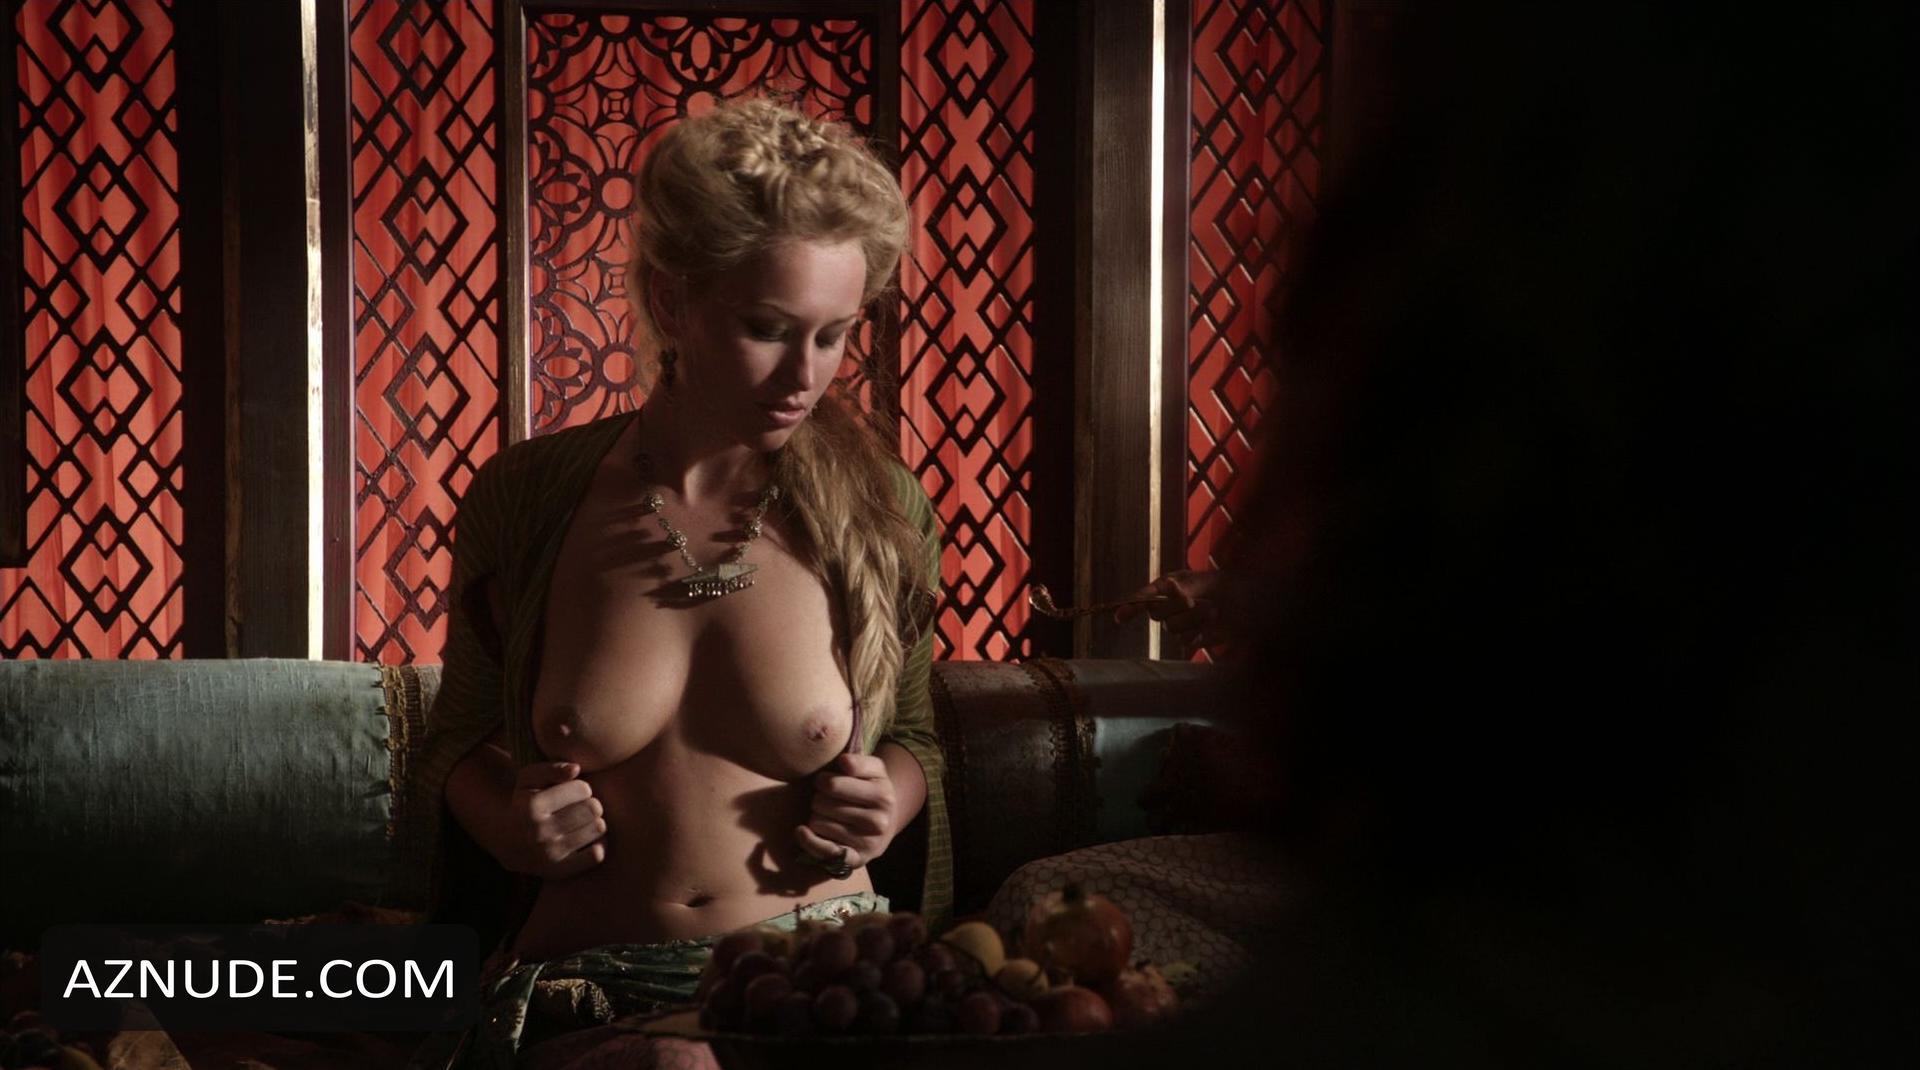 Hot Talitha Luke Eardley Nude Photos